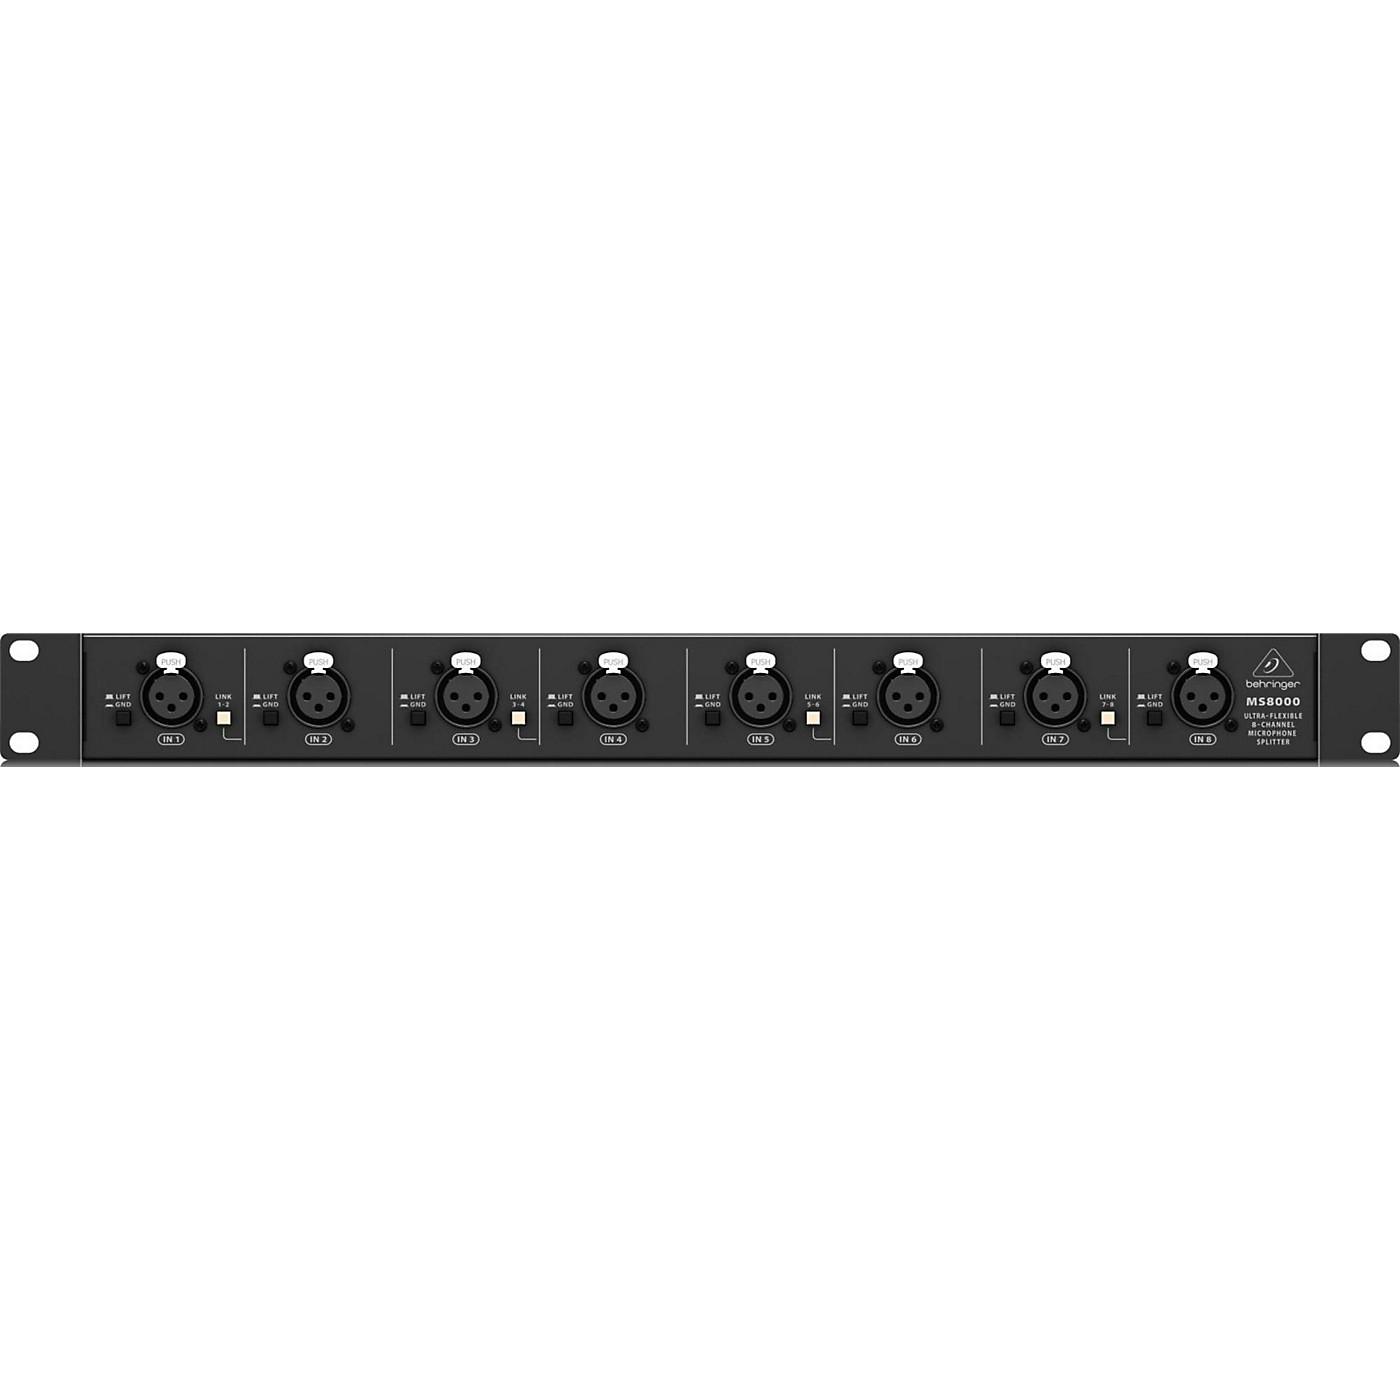 Behringer ULTRALINK MS8000 thumbnail